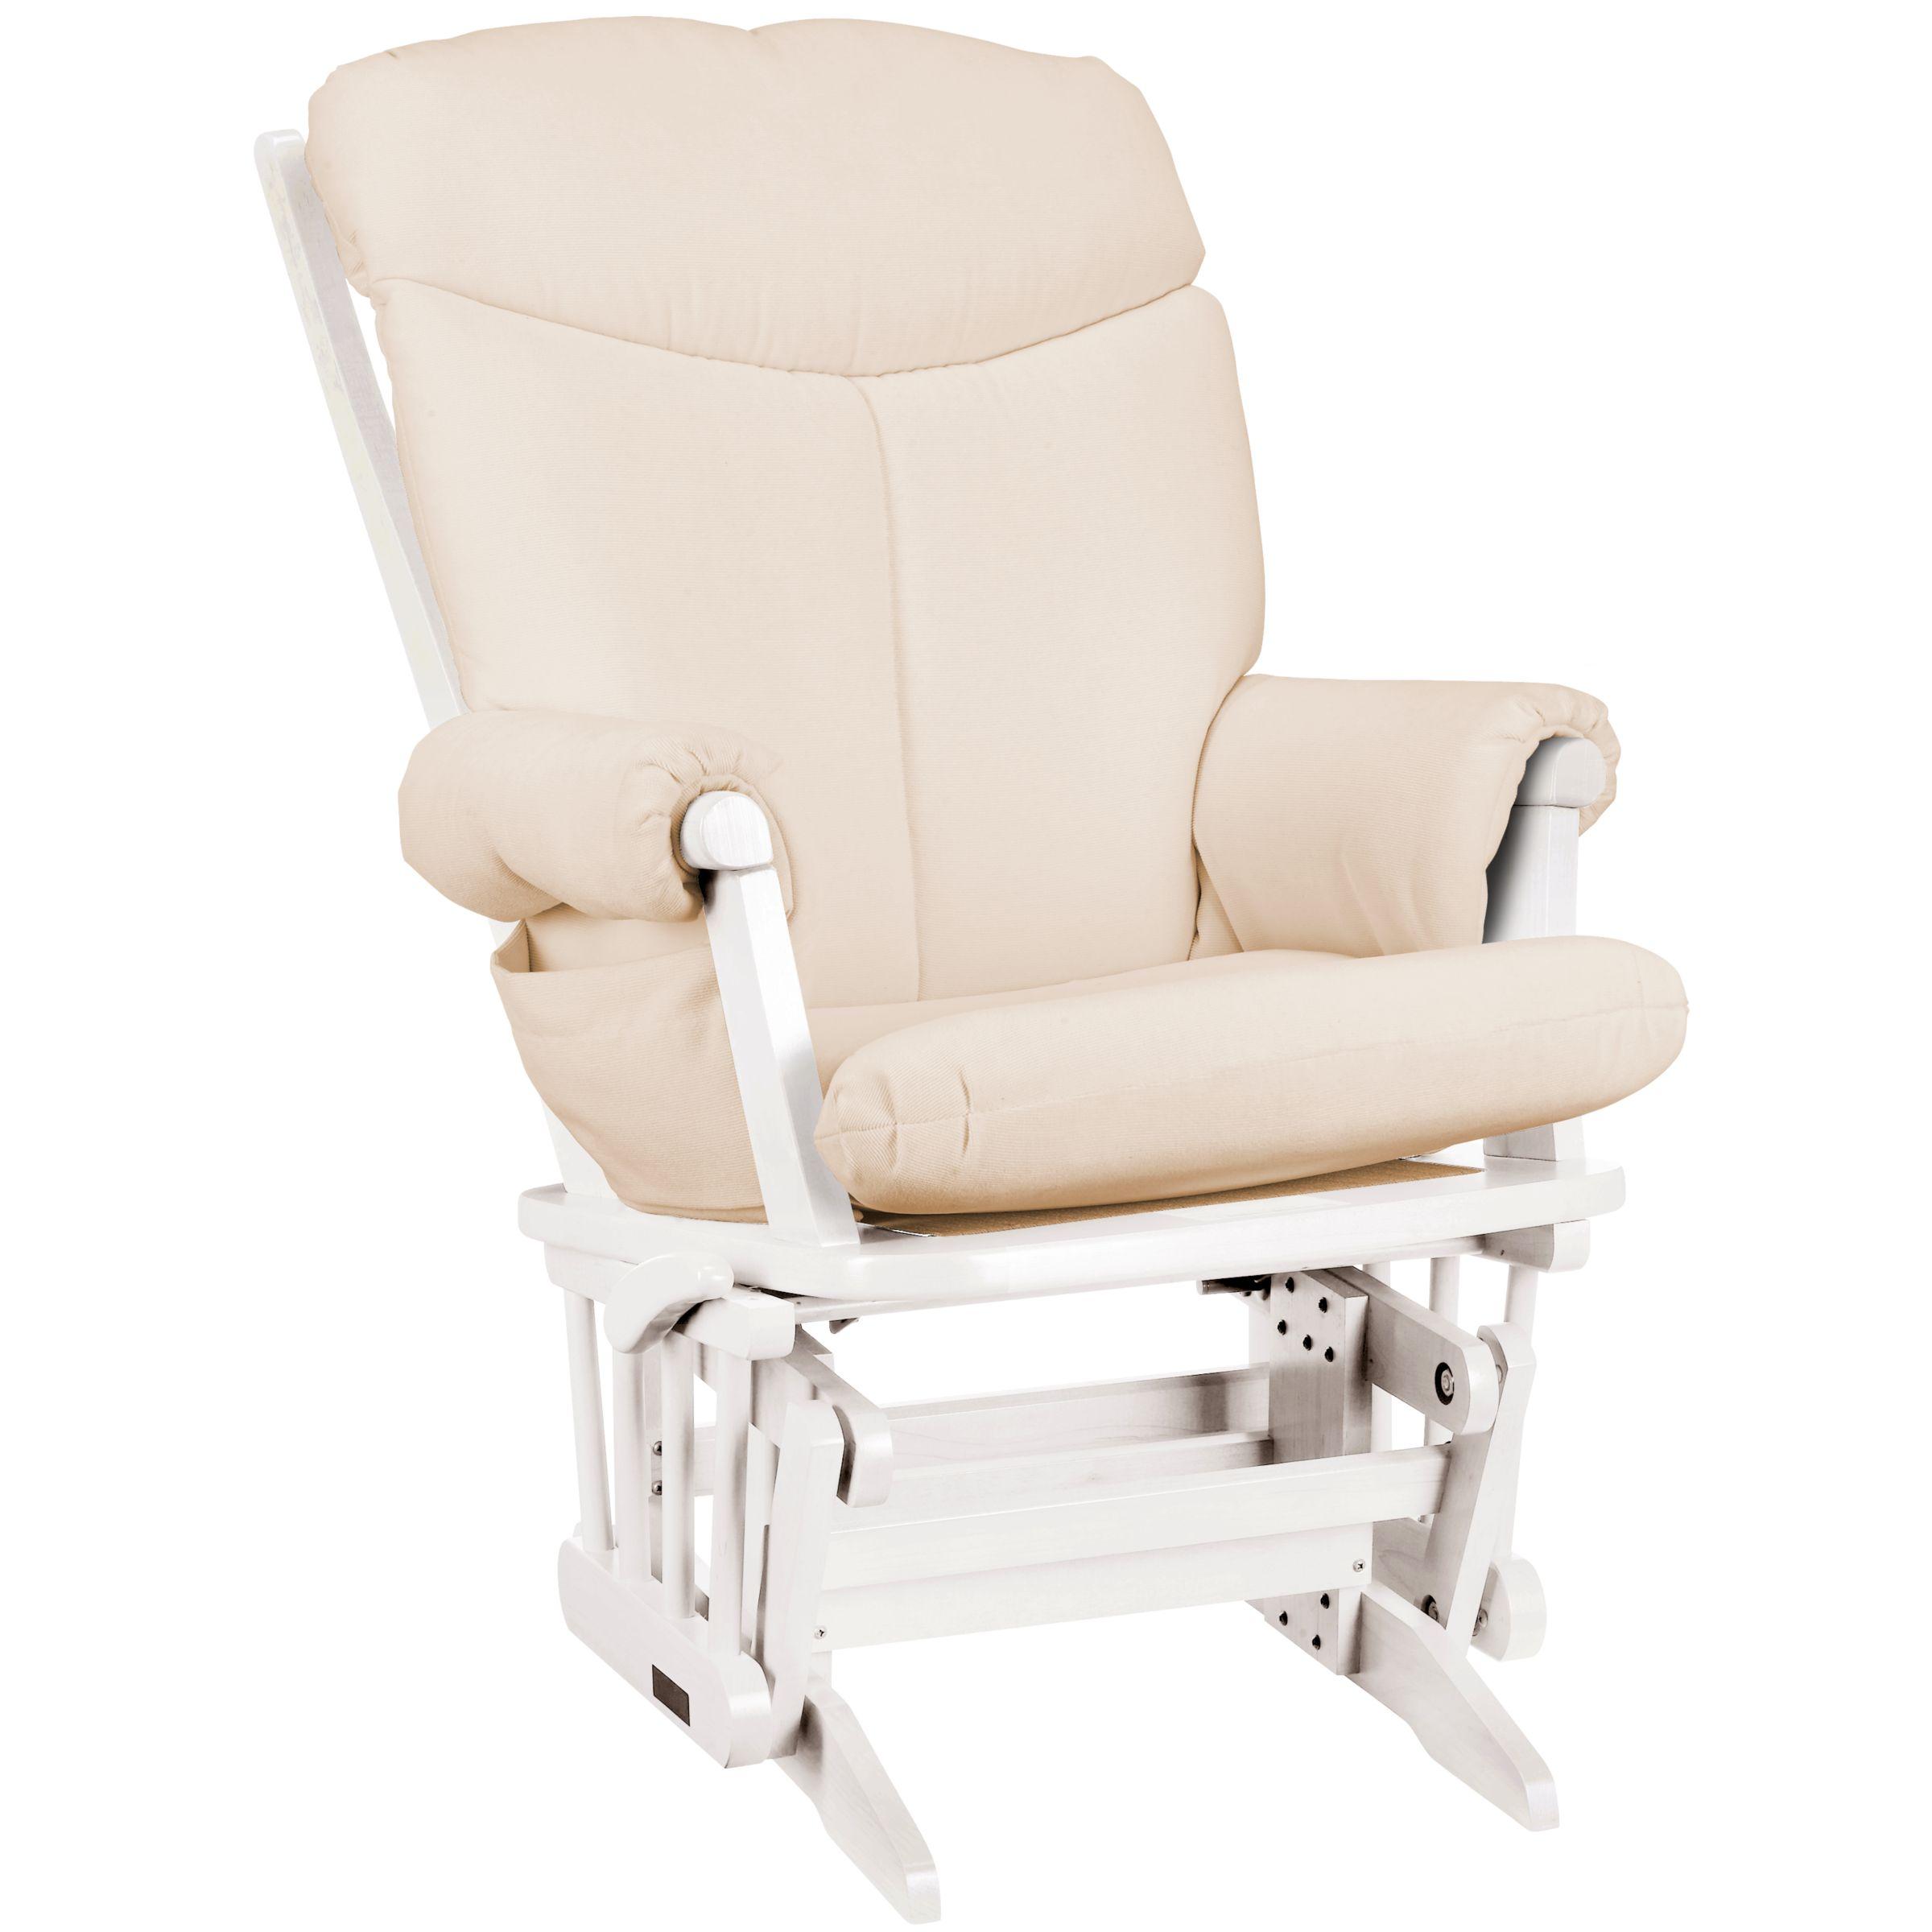 Polly Glider Chair, Soft Beige/White at JohnLewis